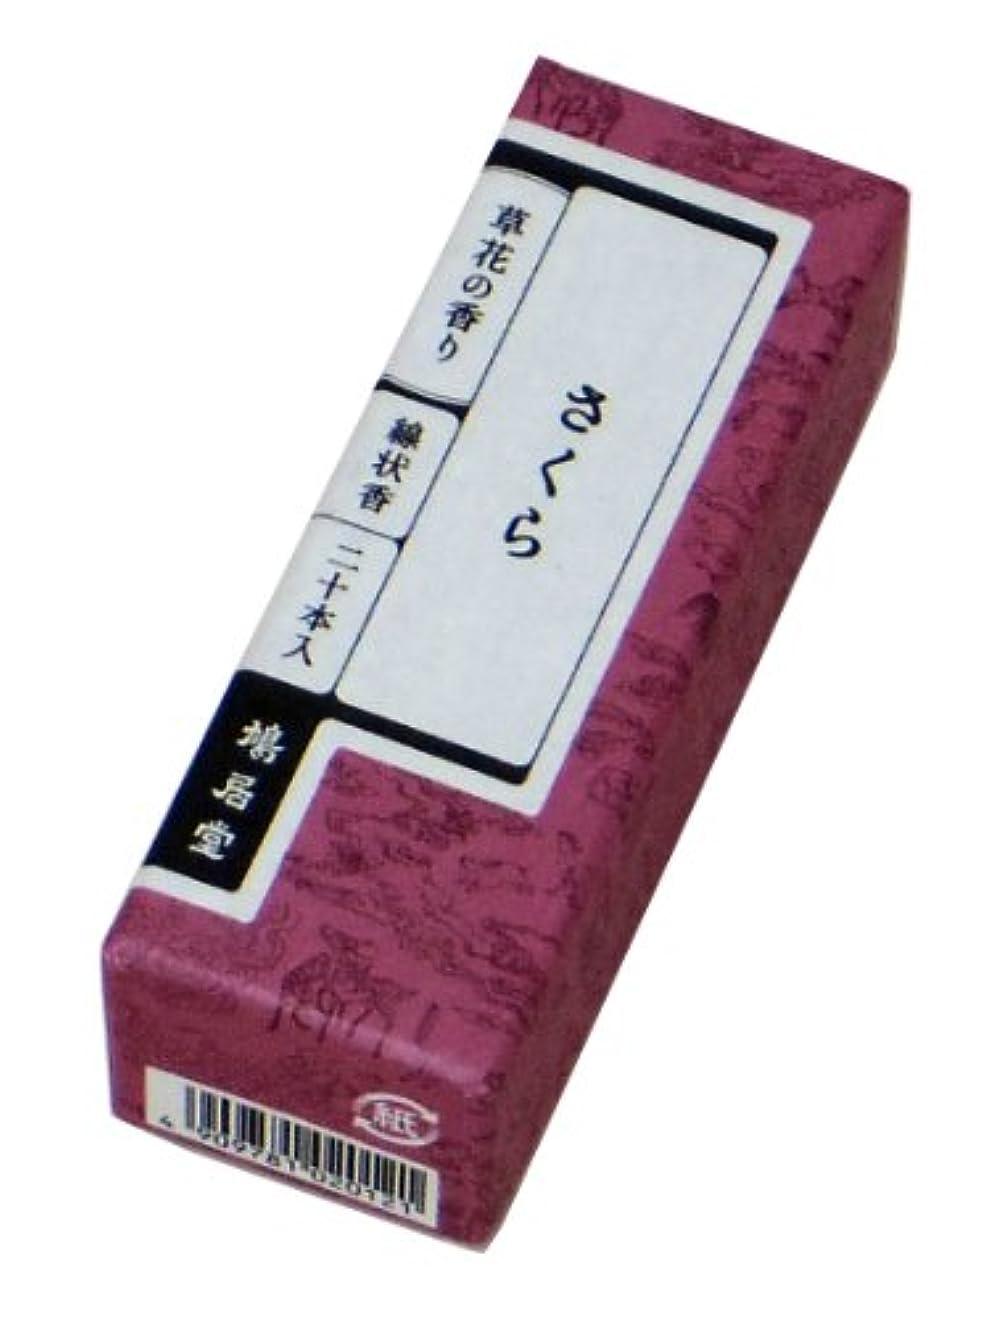 業界資本主義曇った鳩居堂のお香 草花の香り さくら 20本入 6cm